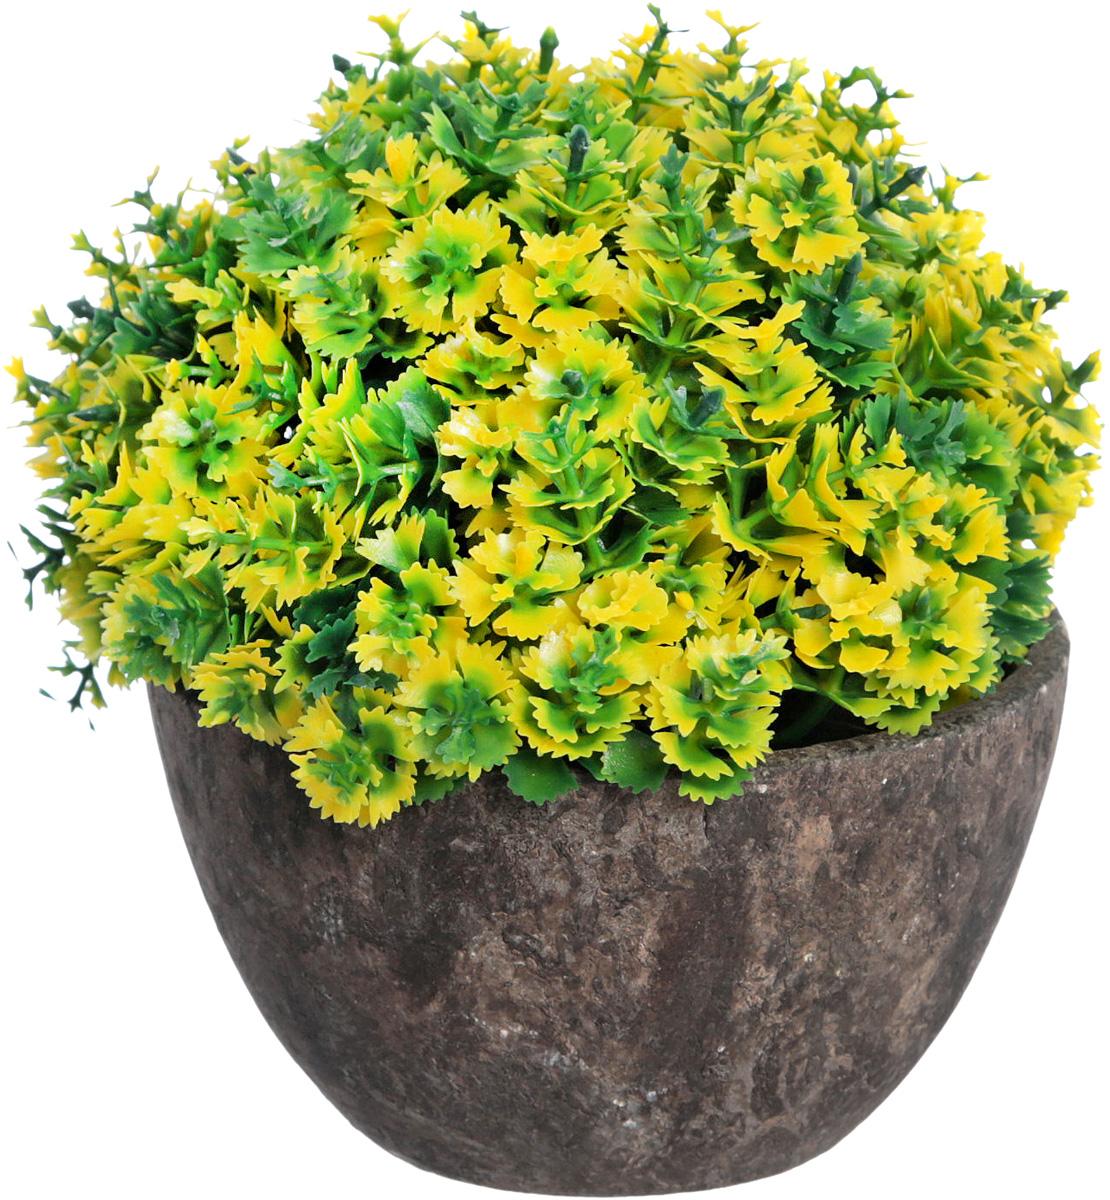 Композиция цветочная Engard Азалия, в кашпо, мелкие листья, цвет: зеленый, 15 х 13,5 см бутыль декоративная engard высота 15 см